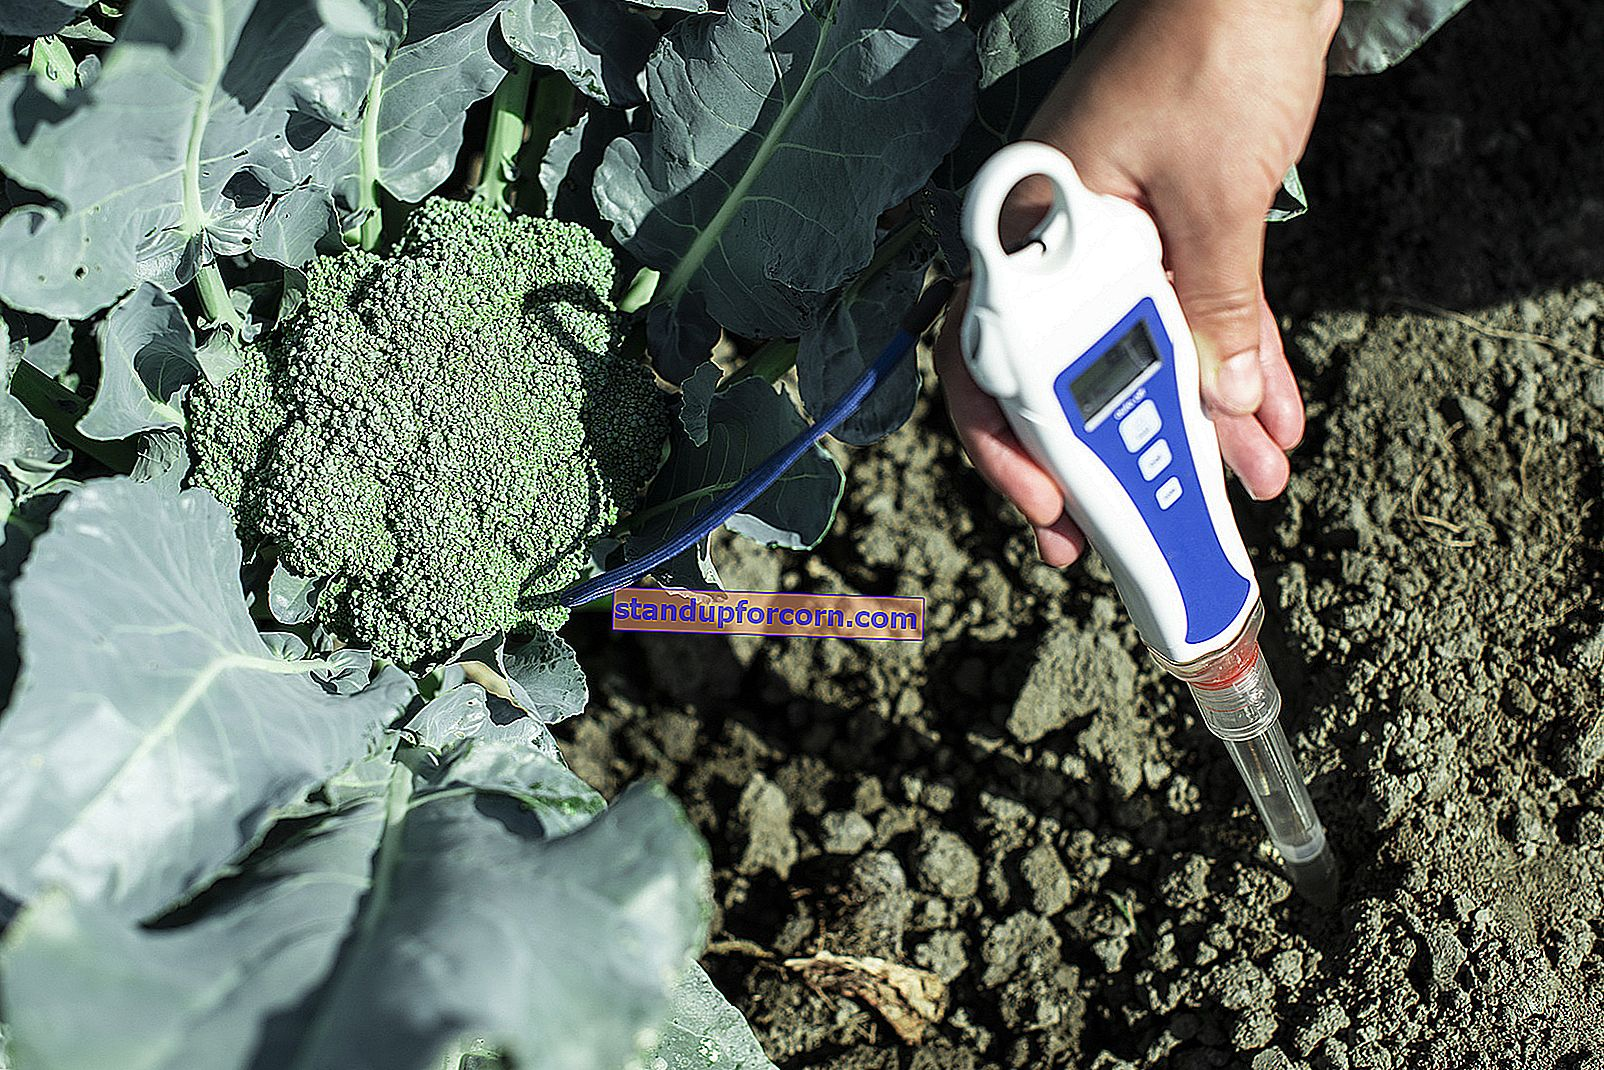 Toprak asitlenmesi. Bahçedeki toprağı nasıl ve neyle asitlendirirsiniz?